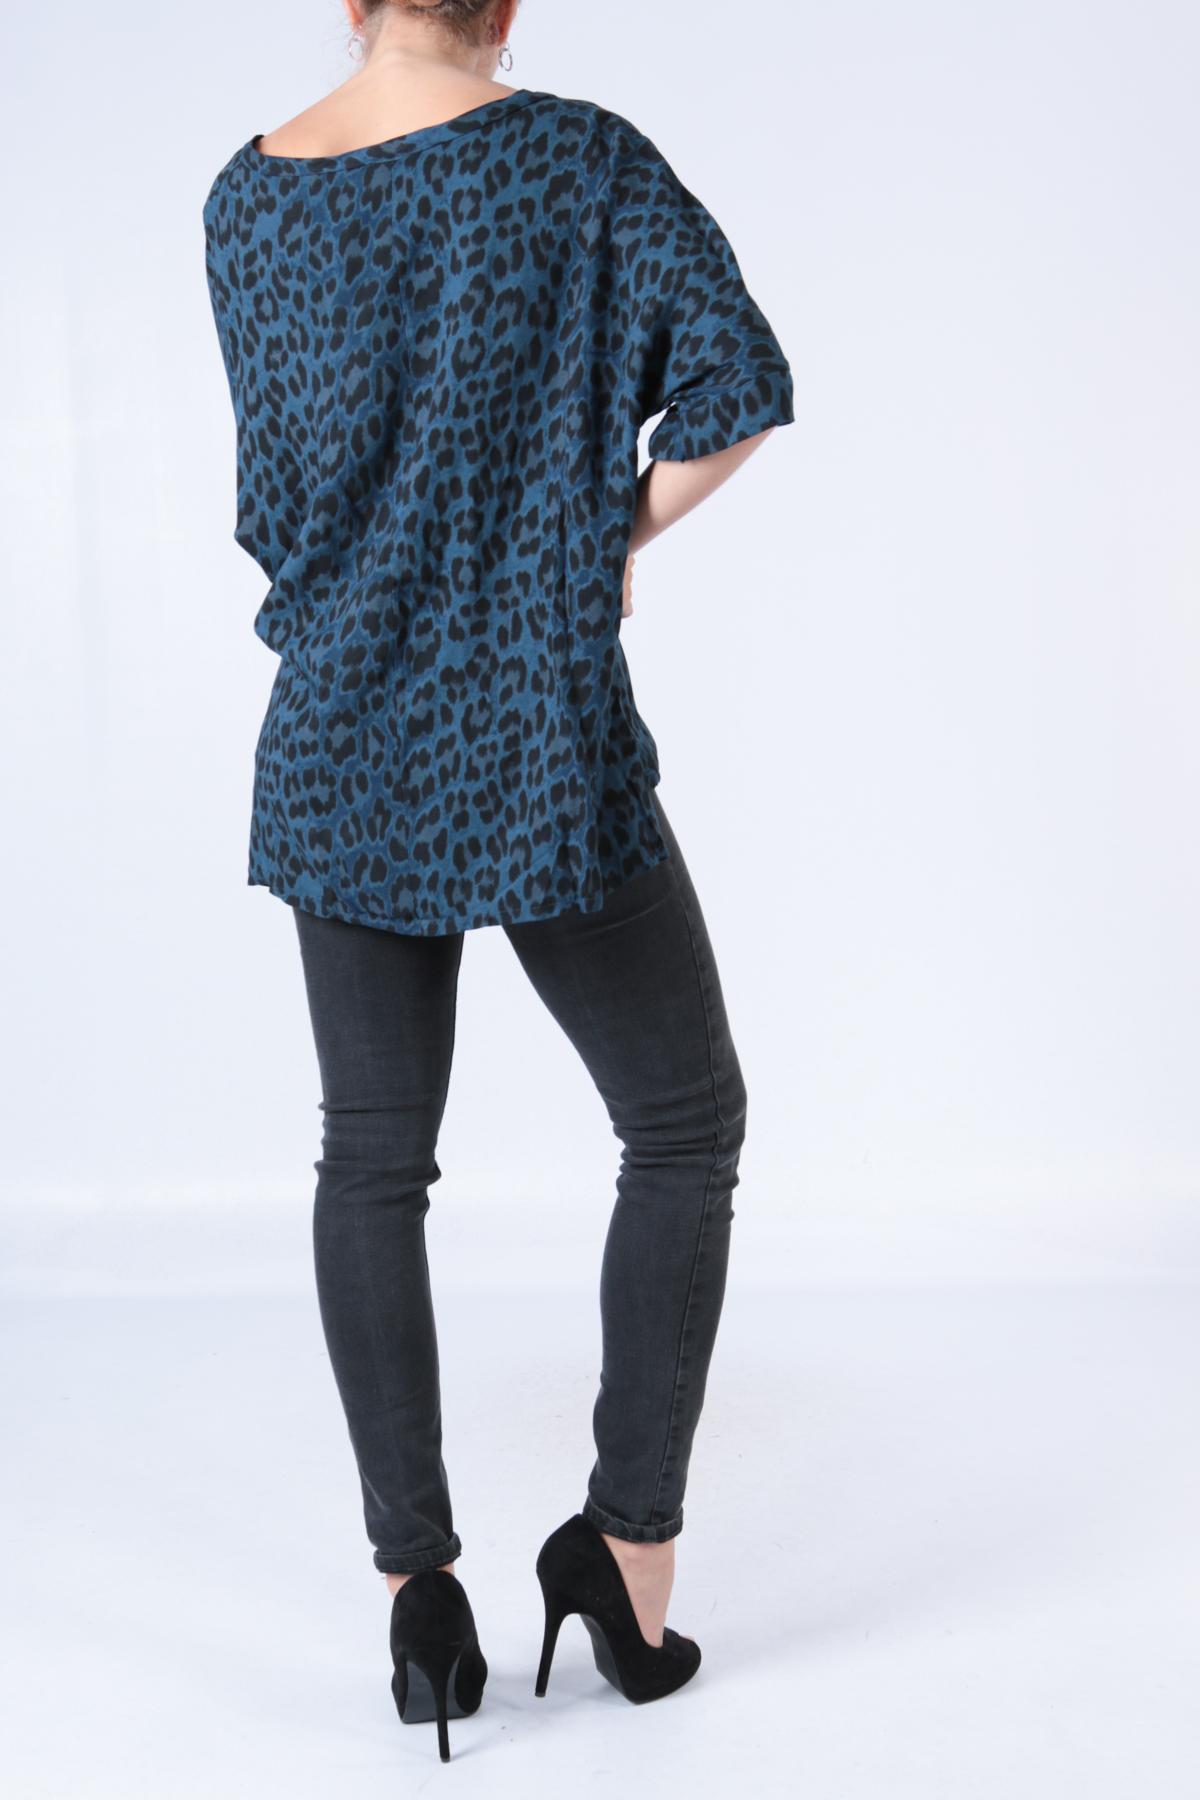 00129 Leopardikuvioinen pusero sininen taka